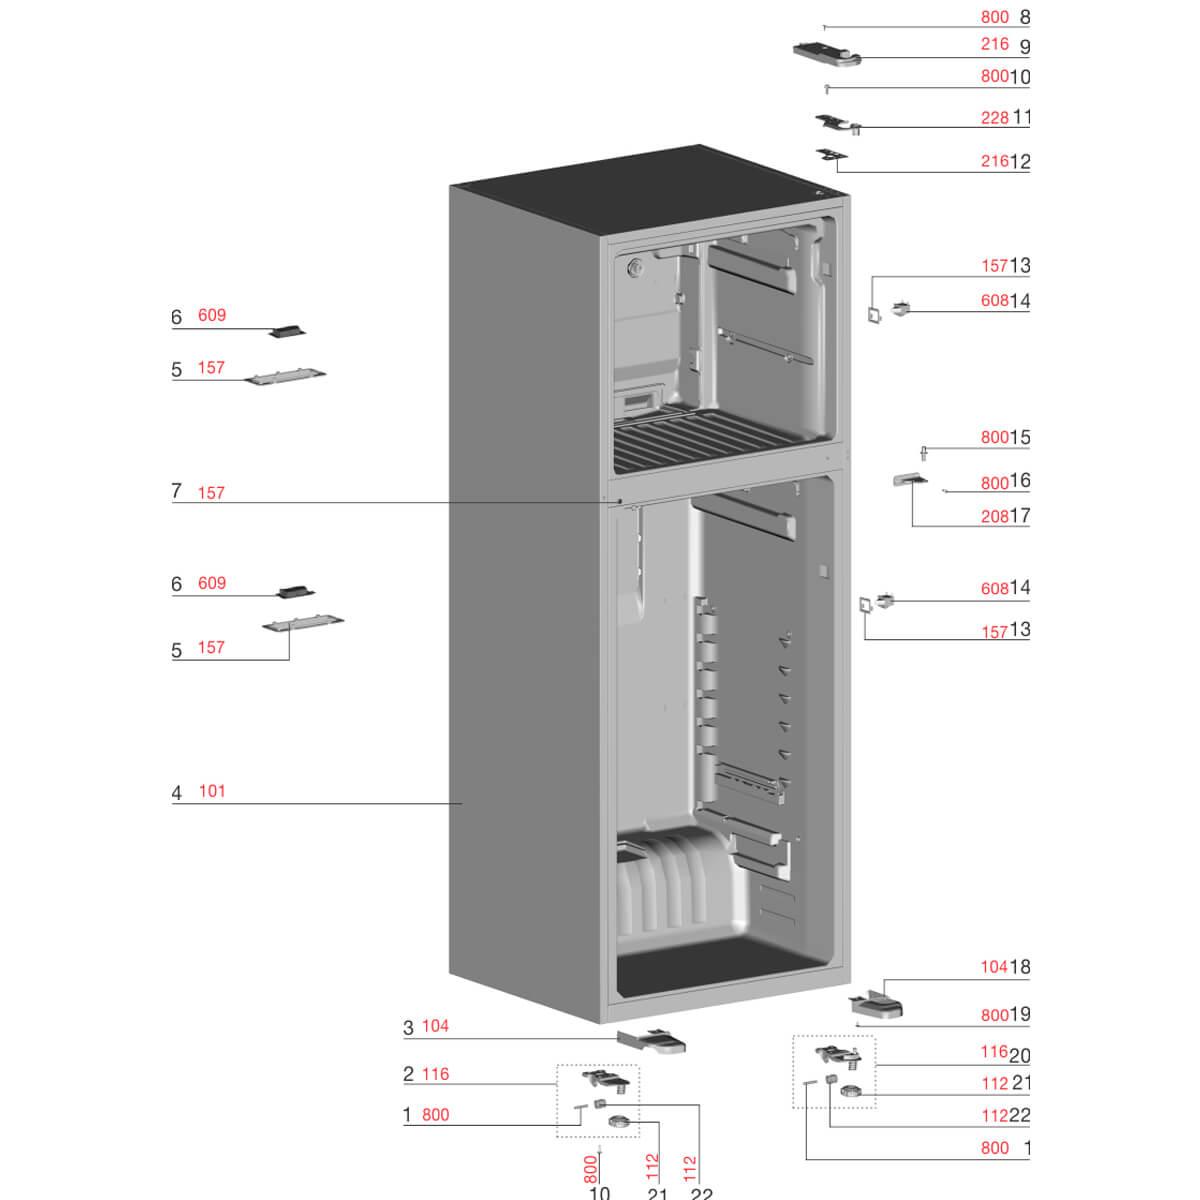 Avental Dobradiça Inferior Esquerdo Refrigerador Electrolux IF55S TF55S TF56S -  A11214402